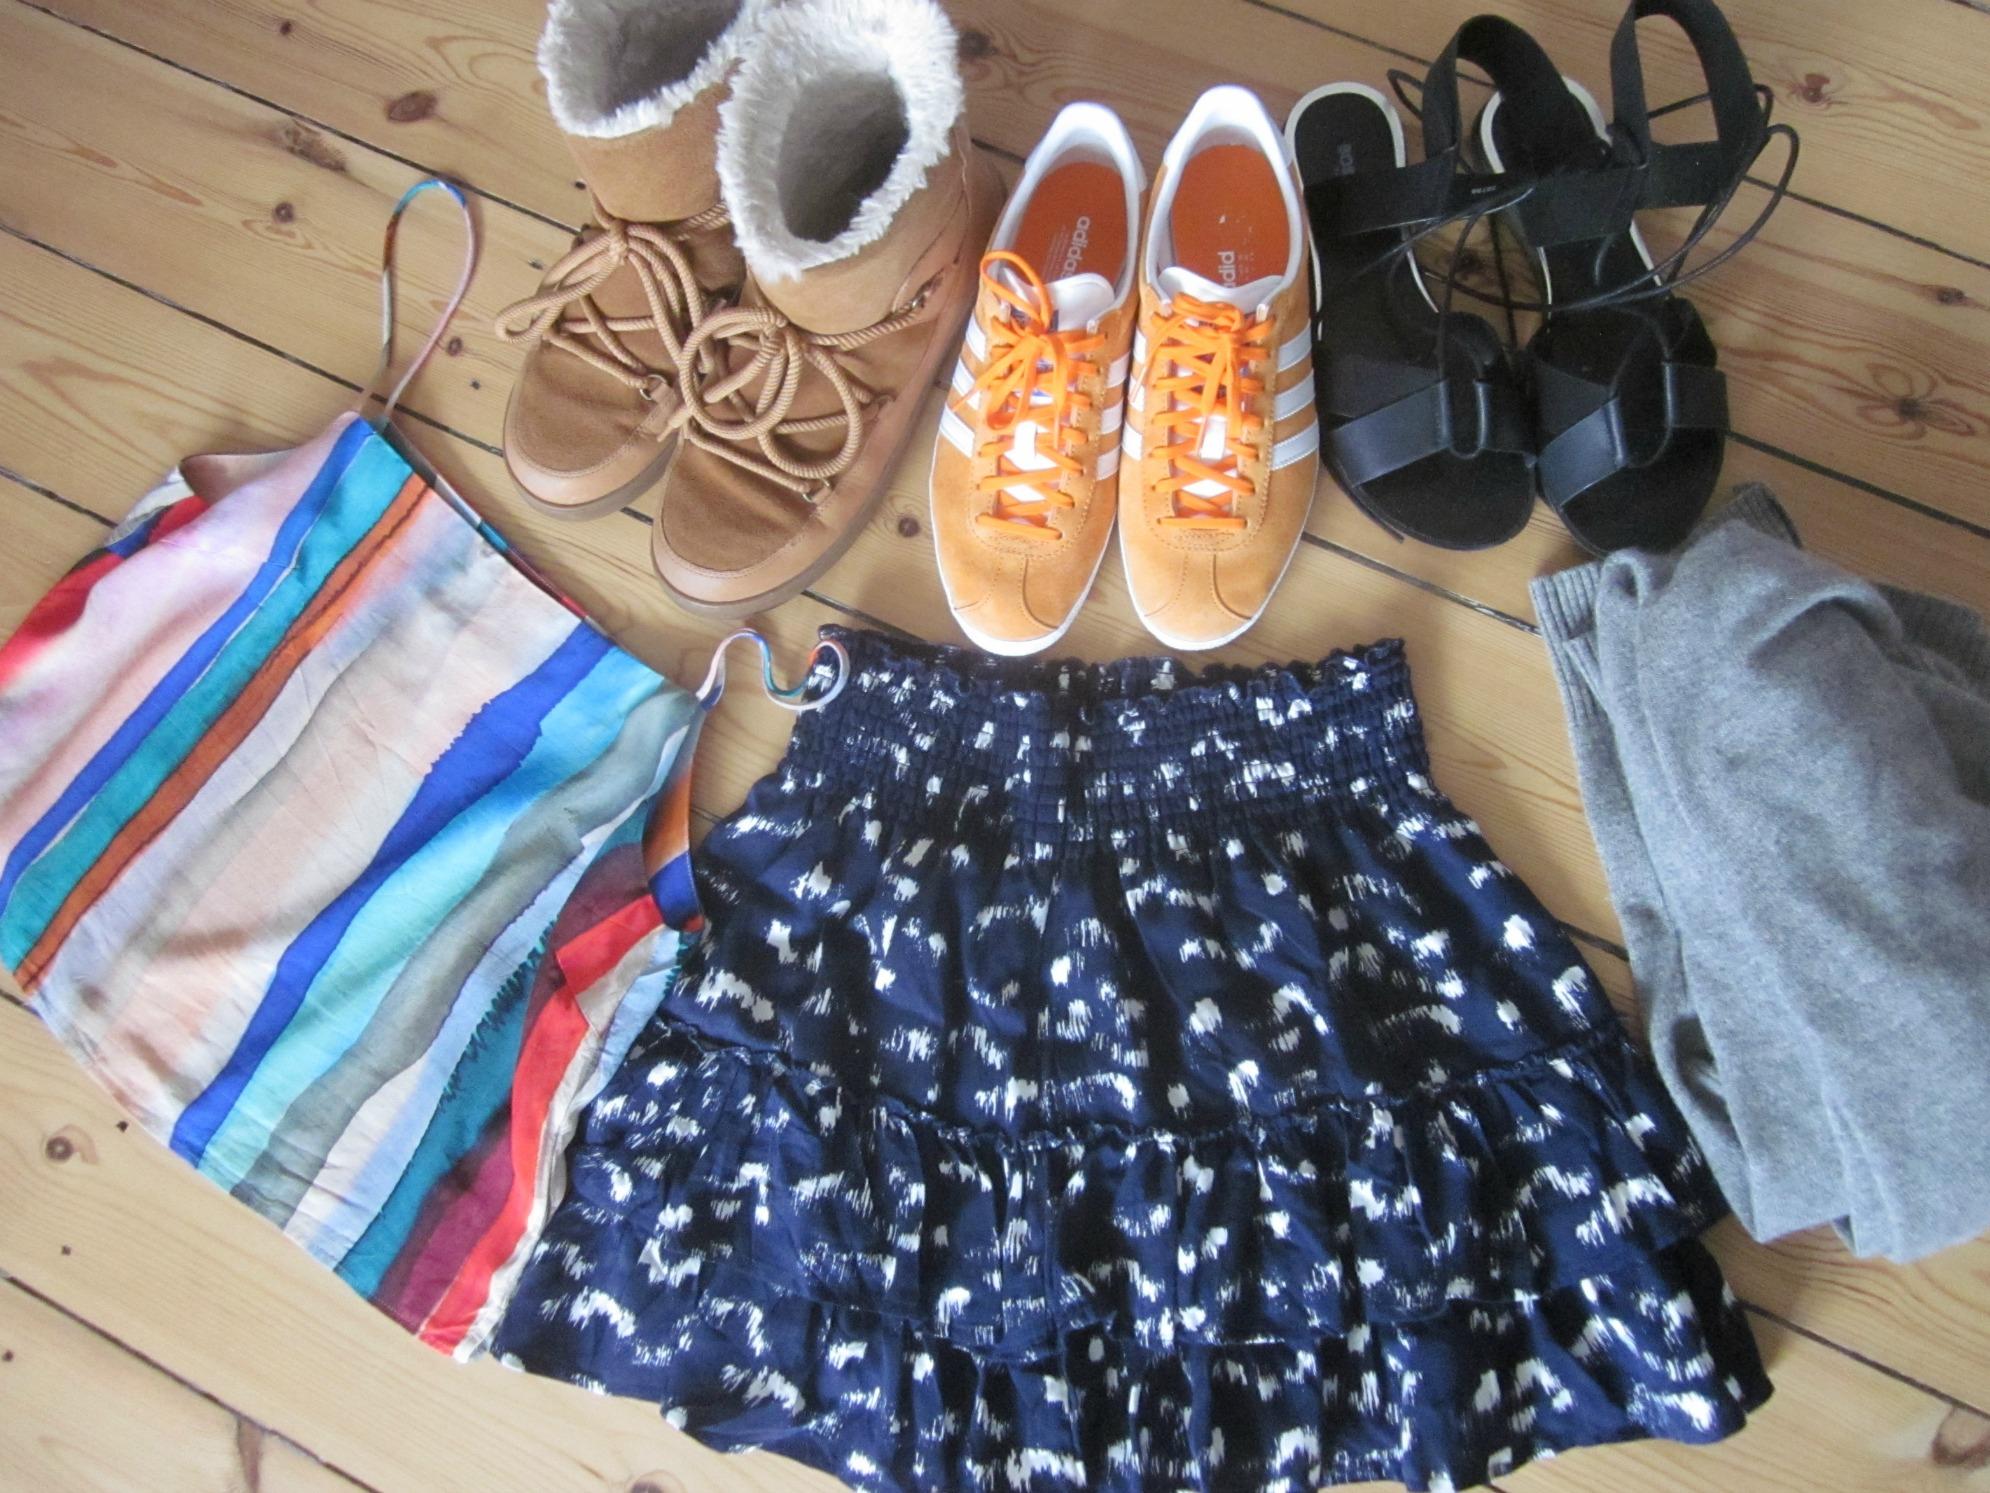 Her kan du se, hvad jeg nåede at købe i 2016 før shoppestoppet: tre par sko, to H&M ting, og en cashmere cardigan.